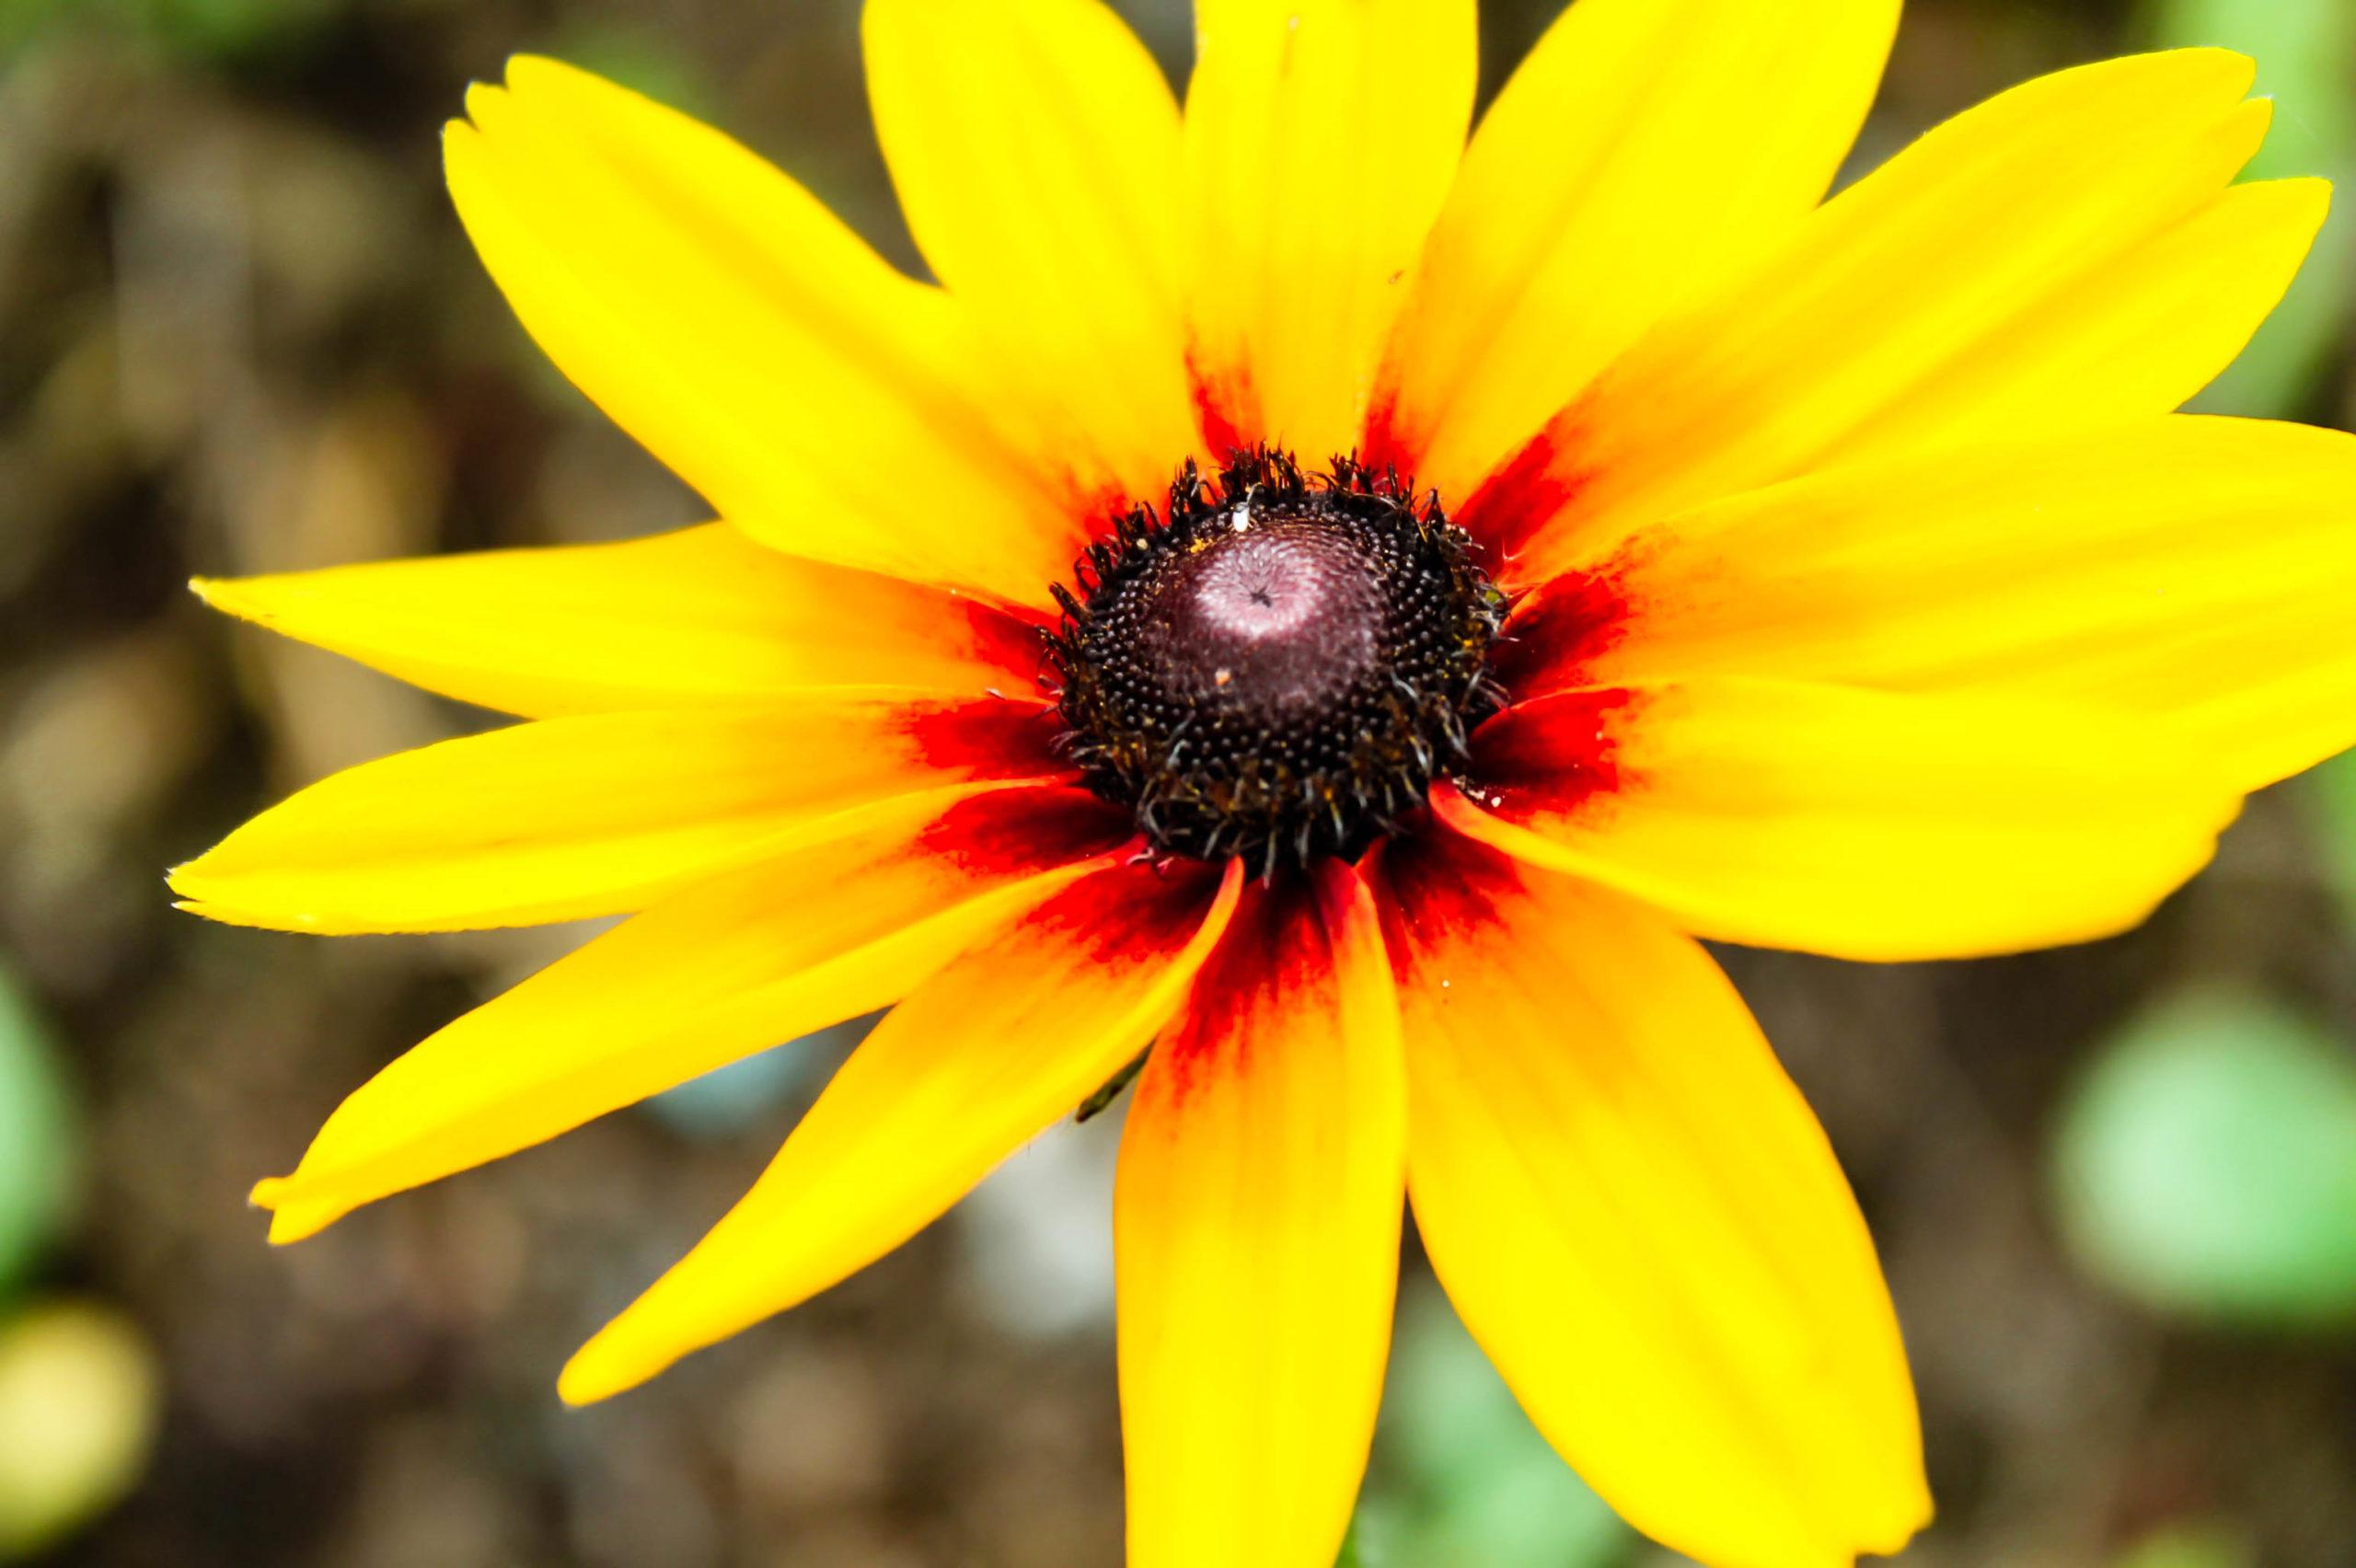 ルドベキアの花びらの写真